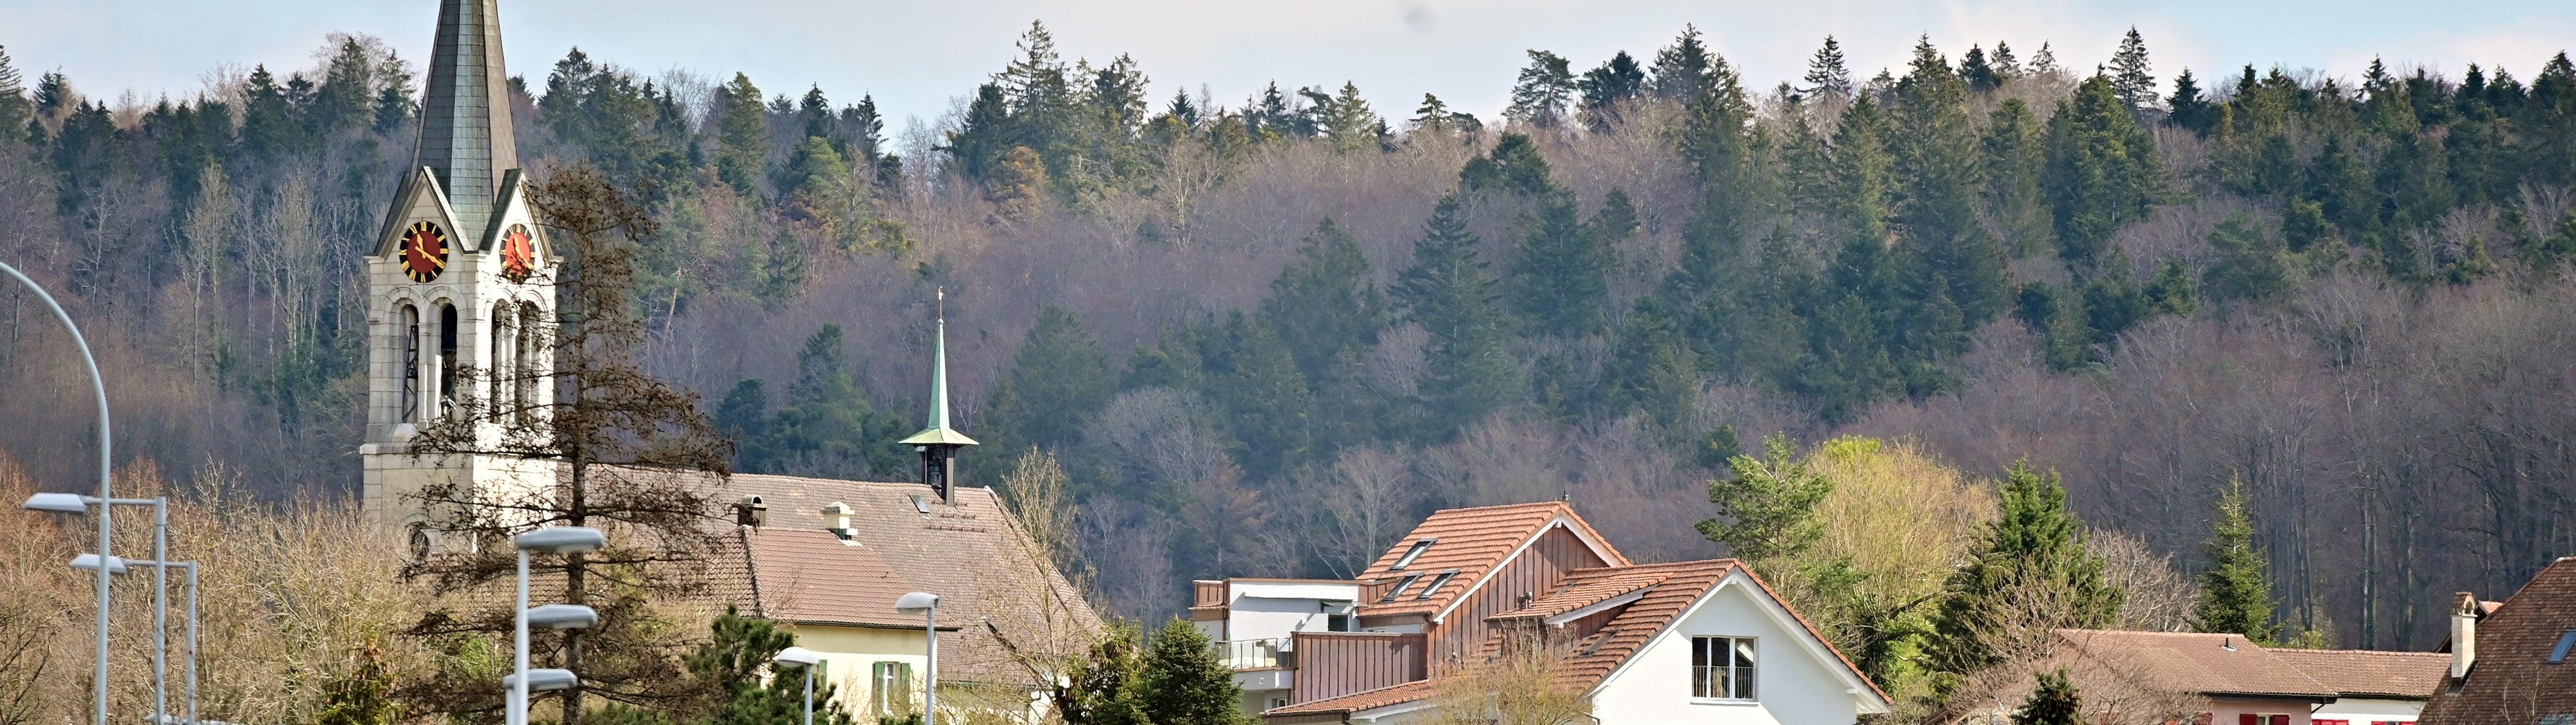 Gretzenbach